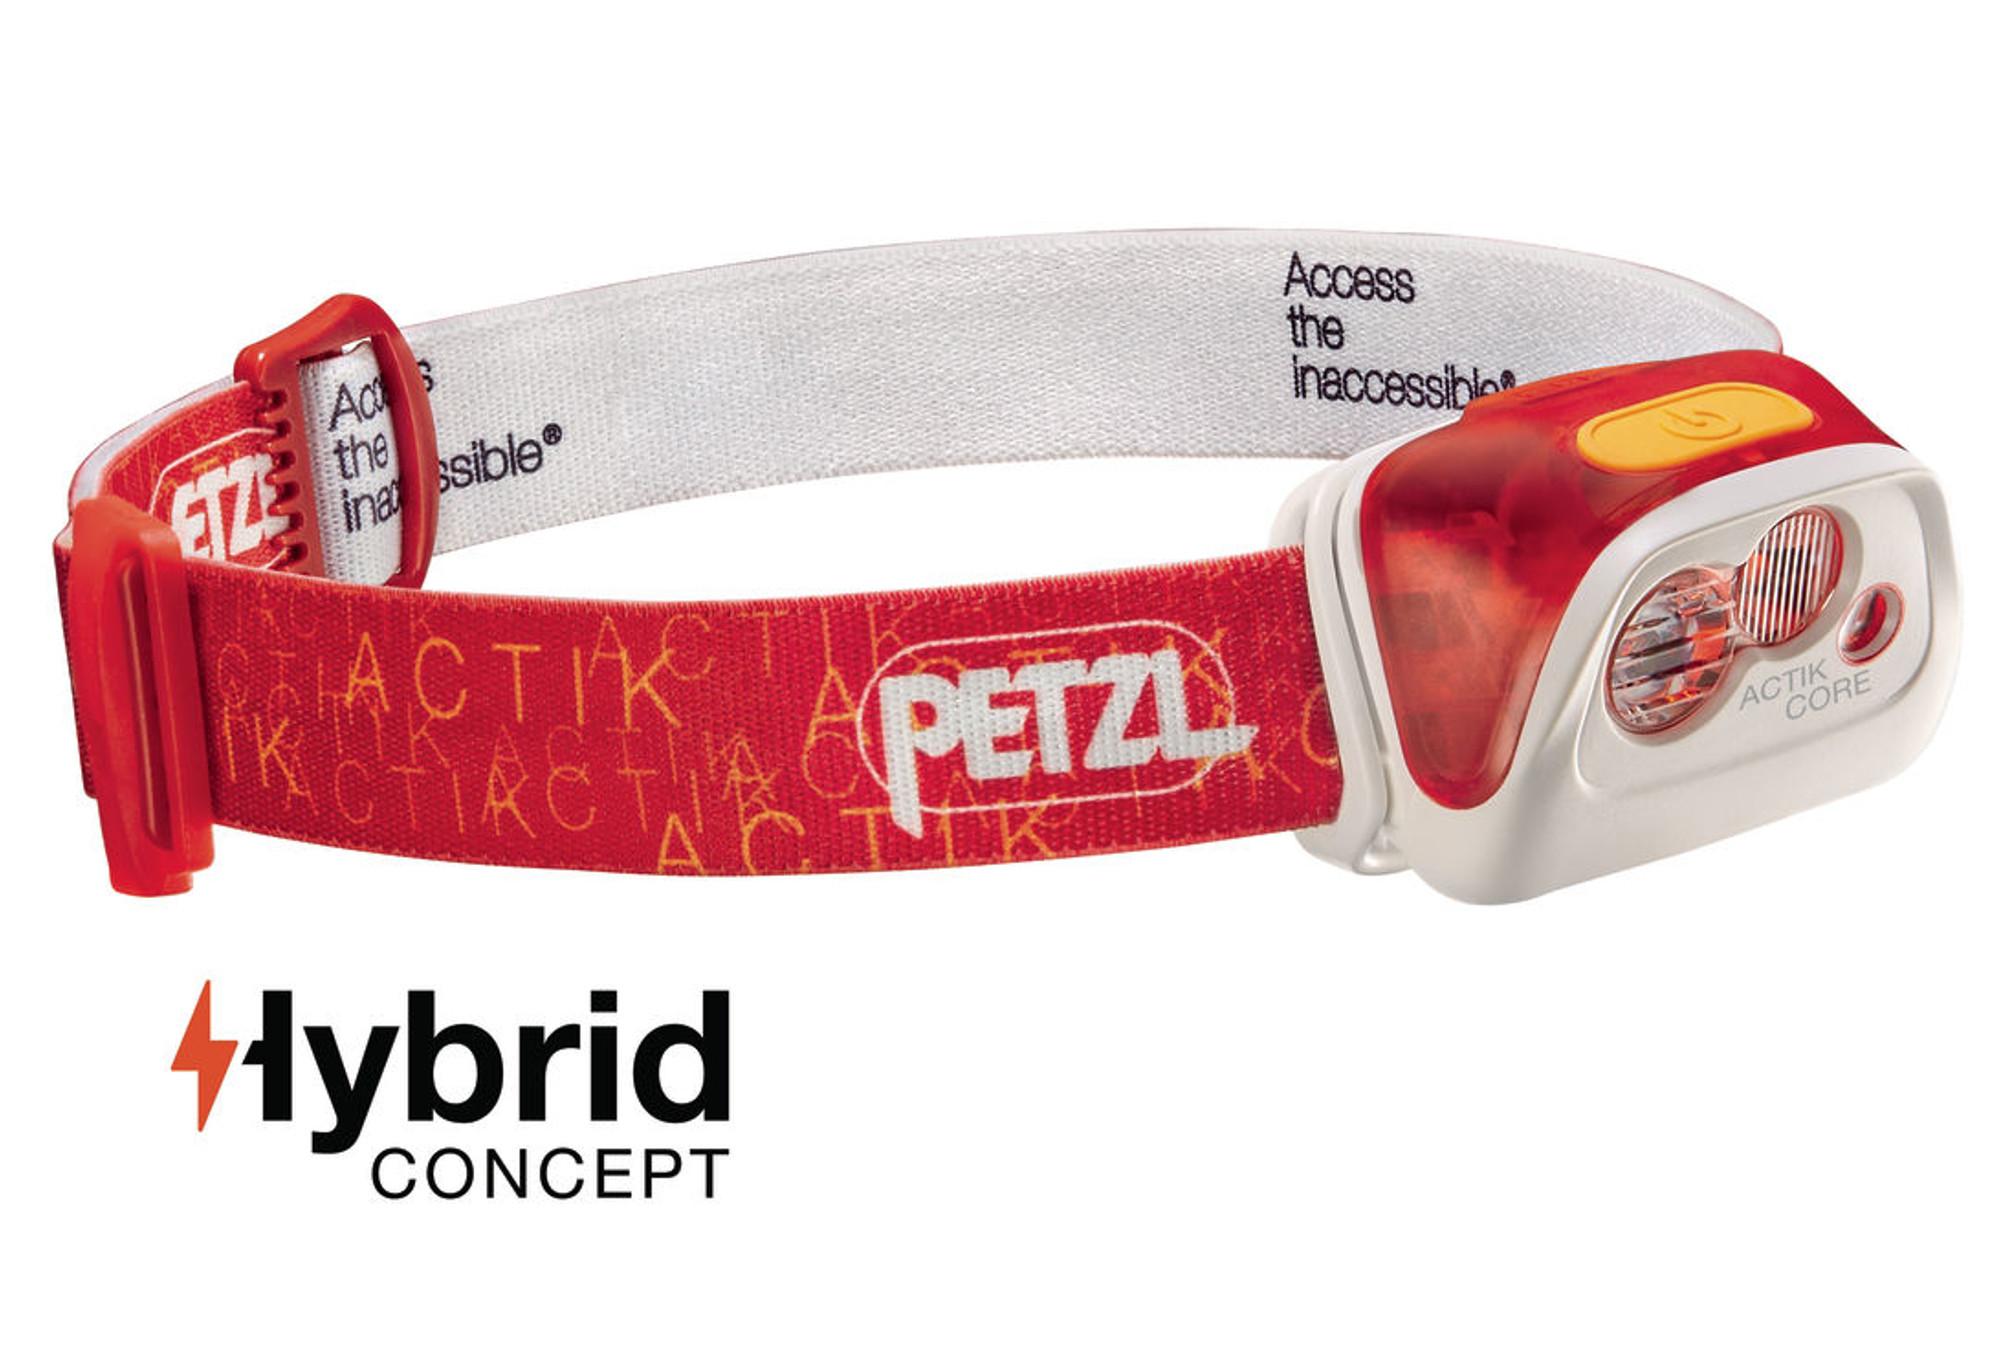 350 Frontale Core 5 Lampe Rouge Lumens Petzl Actik QdxWreCBo